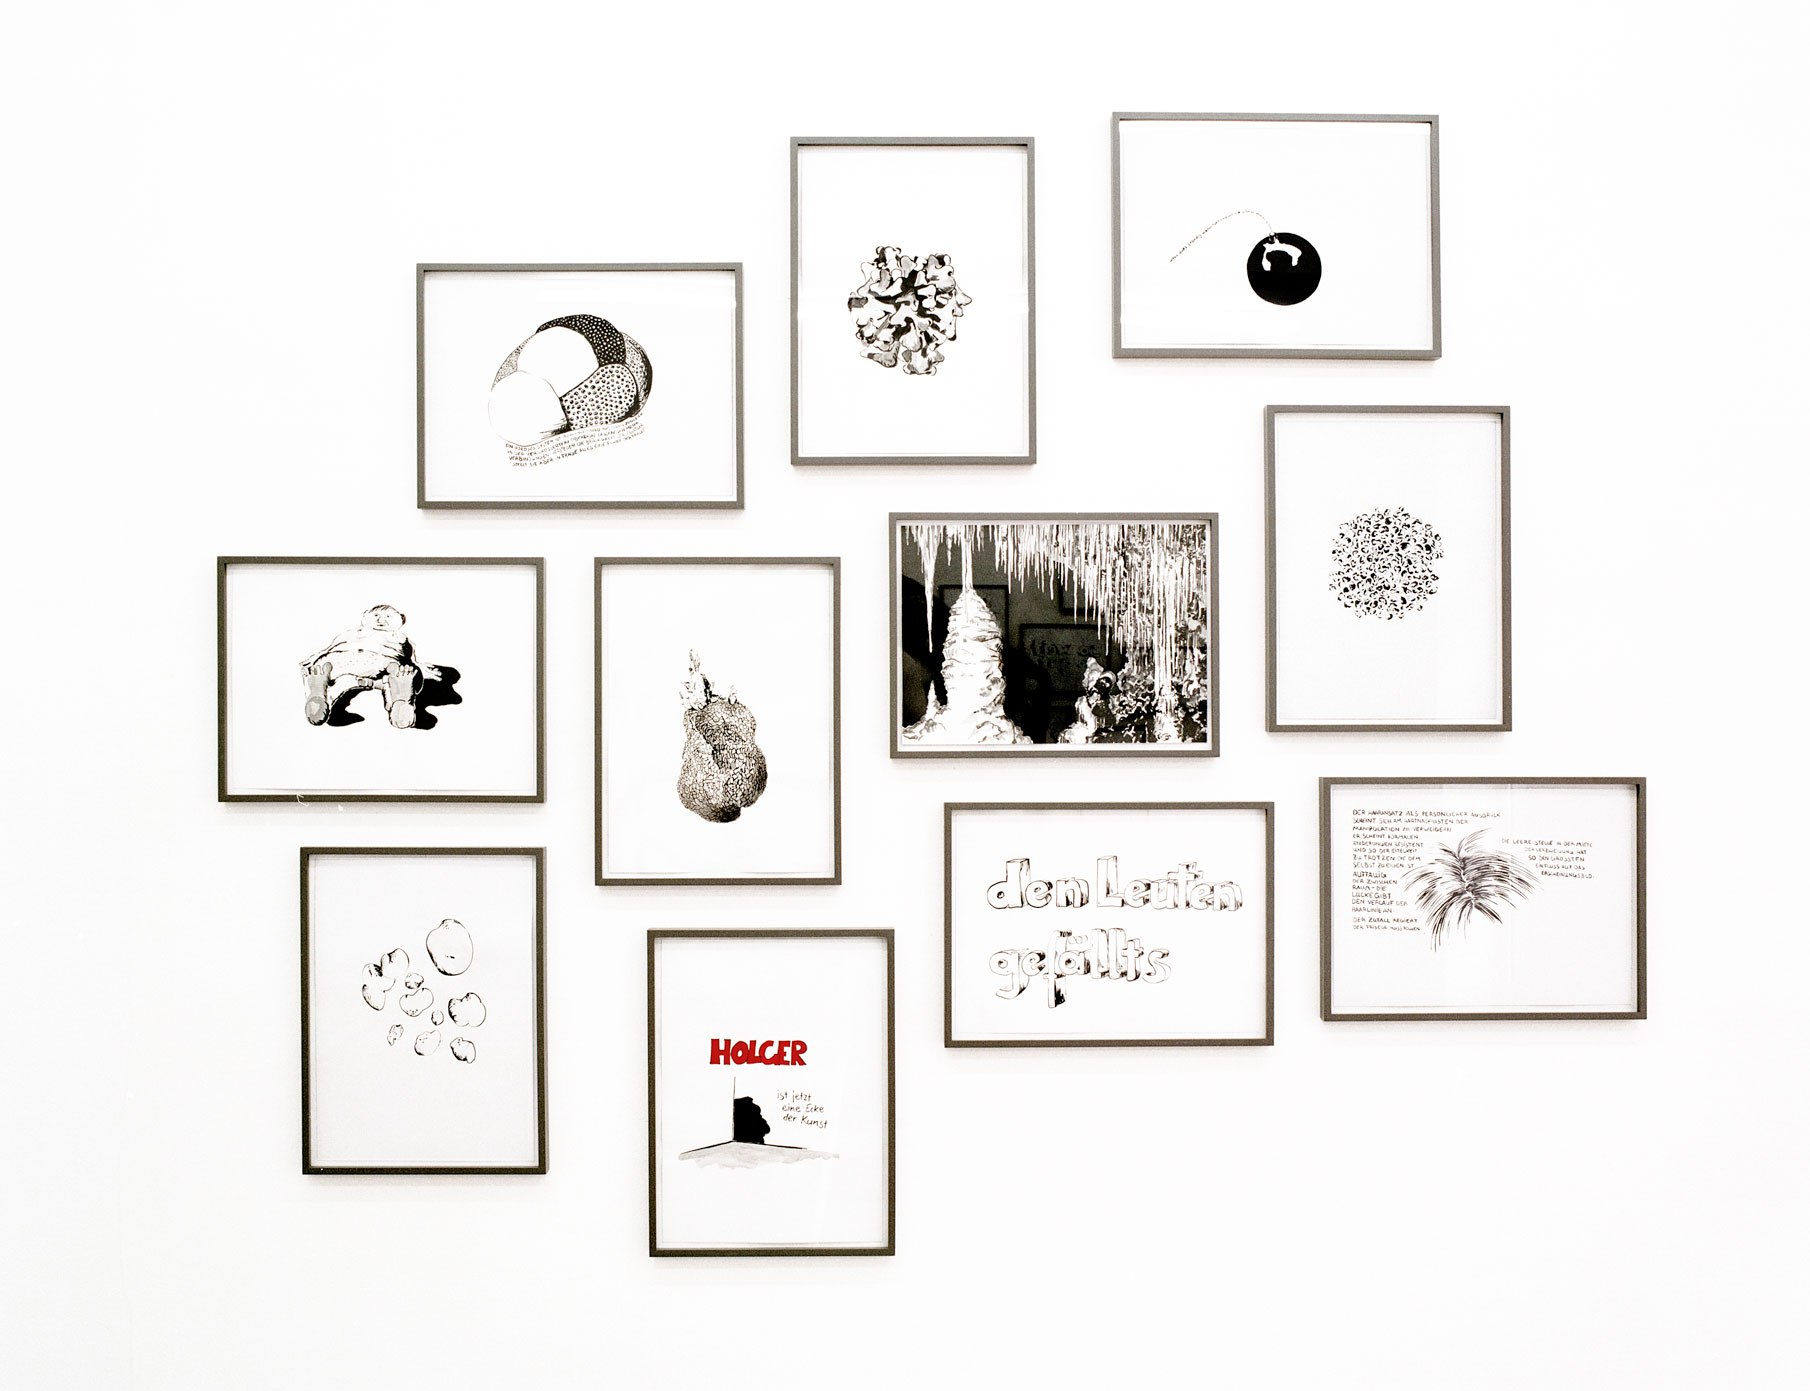 Les Schliesser – »Warum nicht..ig keit«, Ausstellungsansicht mit »Potatoe Drawings«, 2004 Galerie Mirko Mayer, Kön